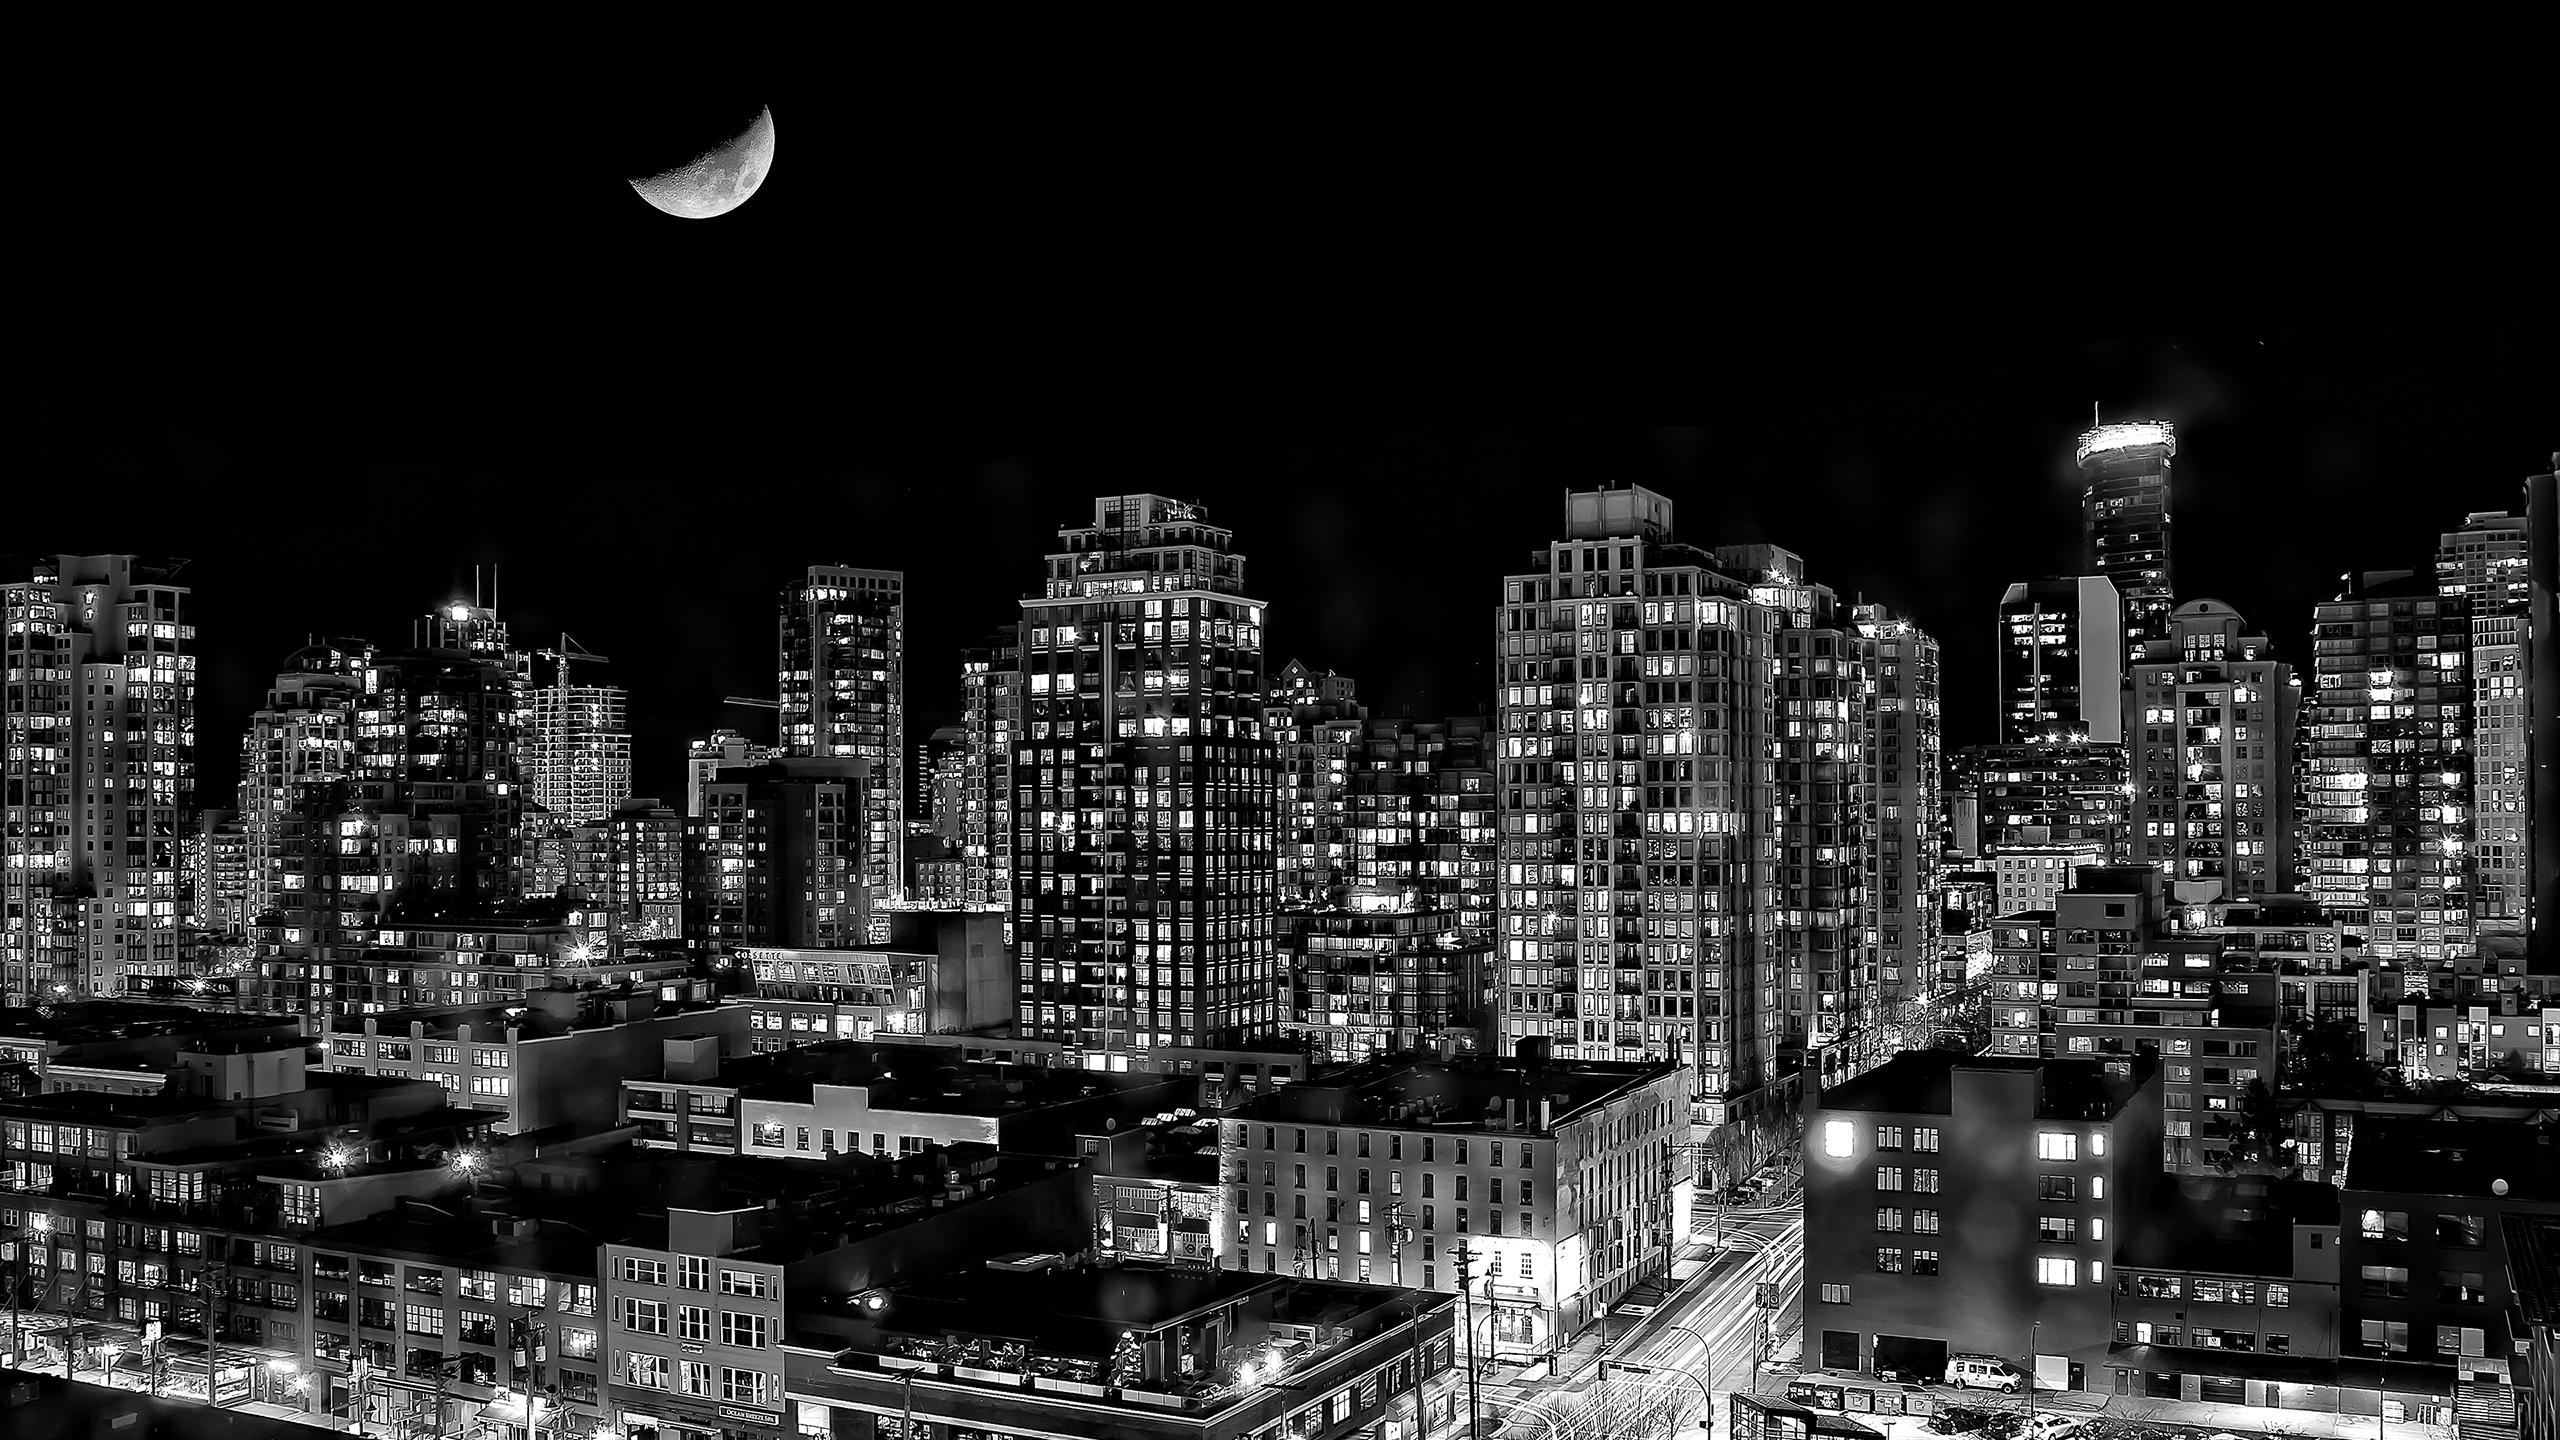 city_not_sleeping_2560x1440